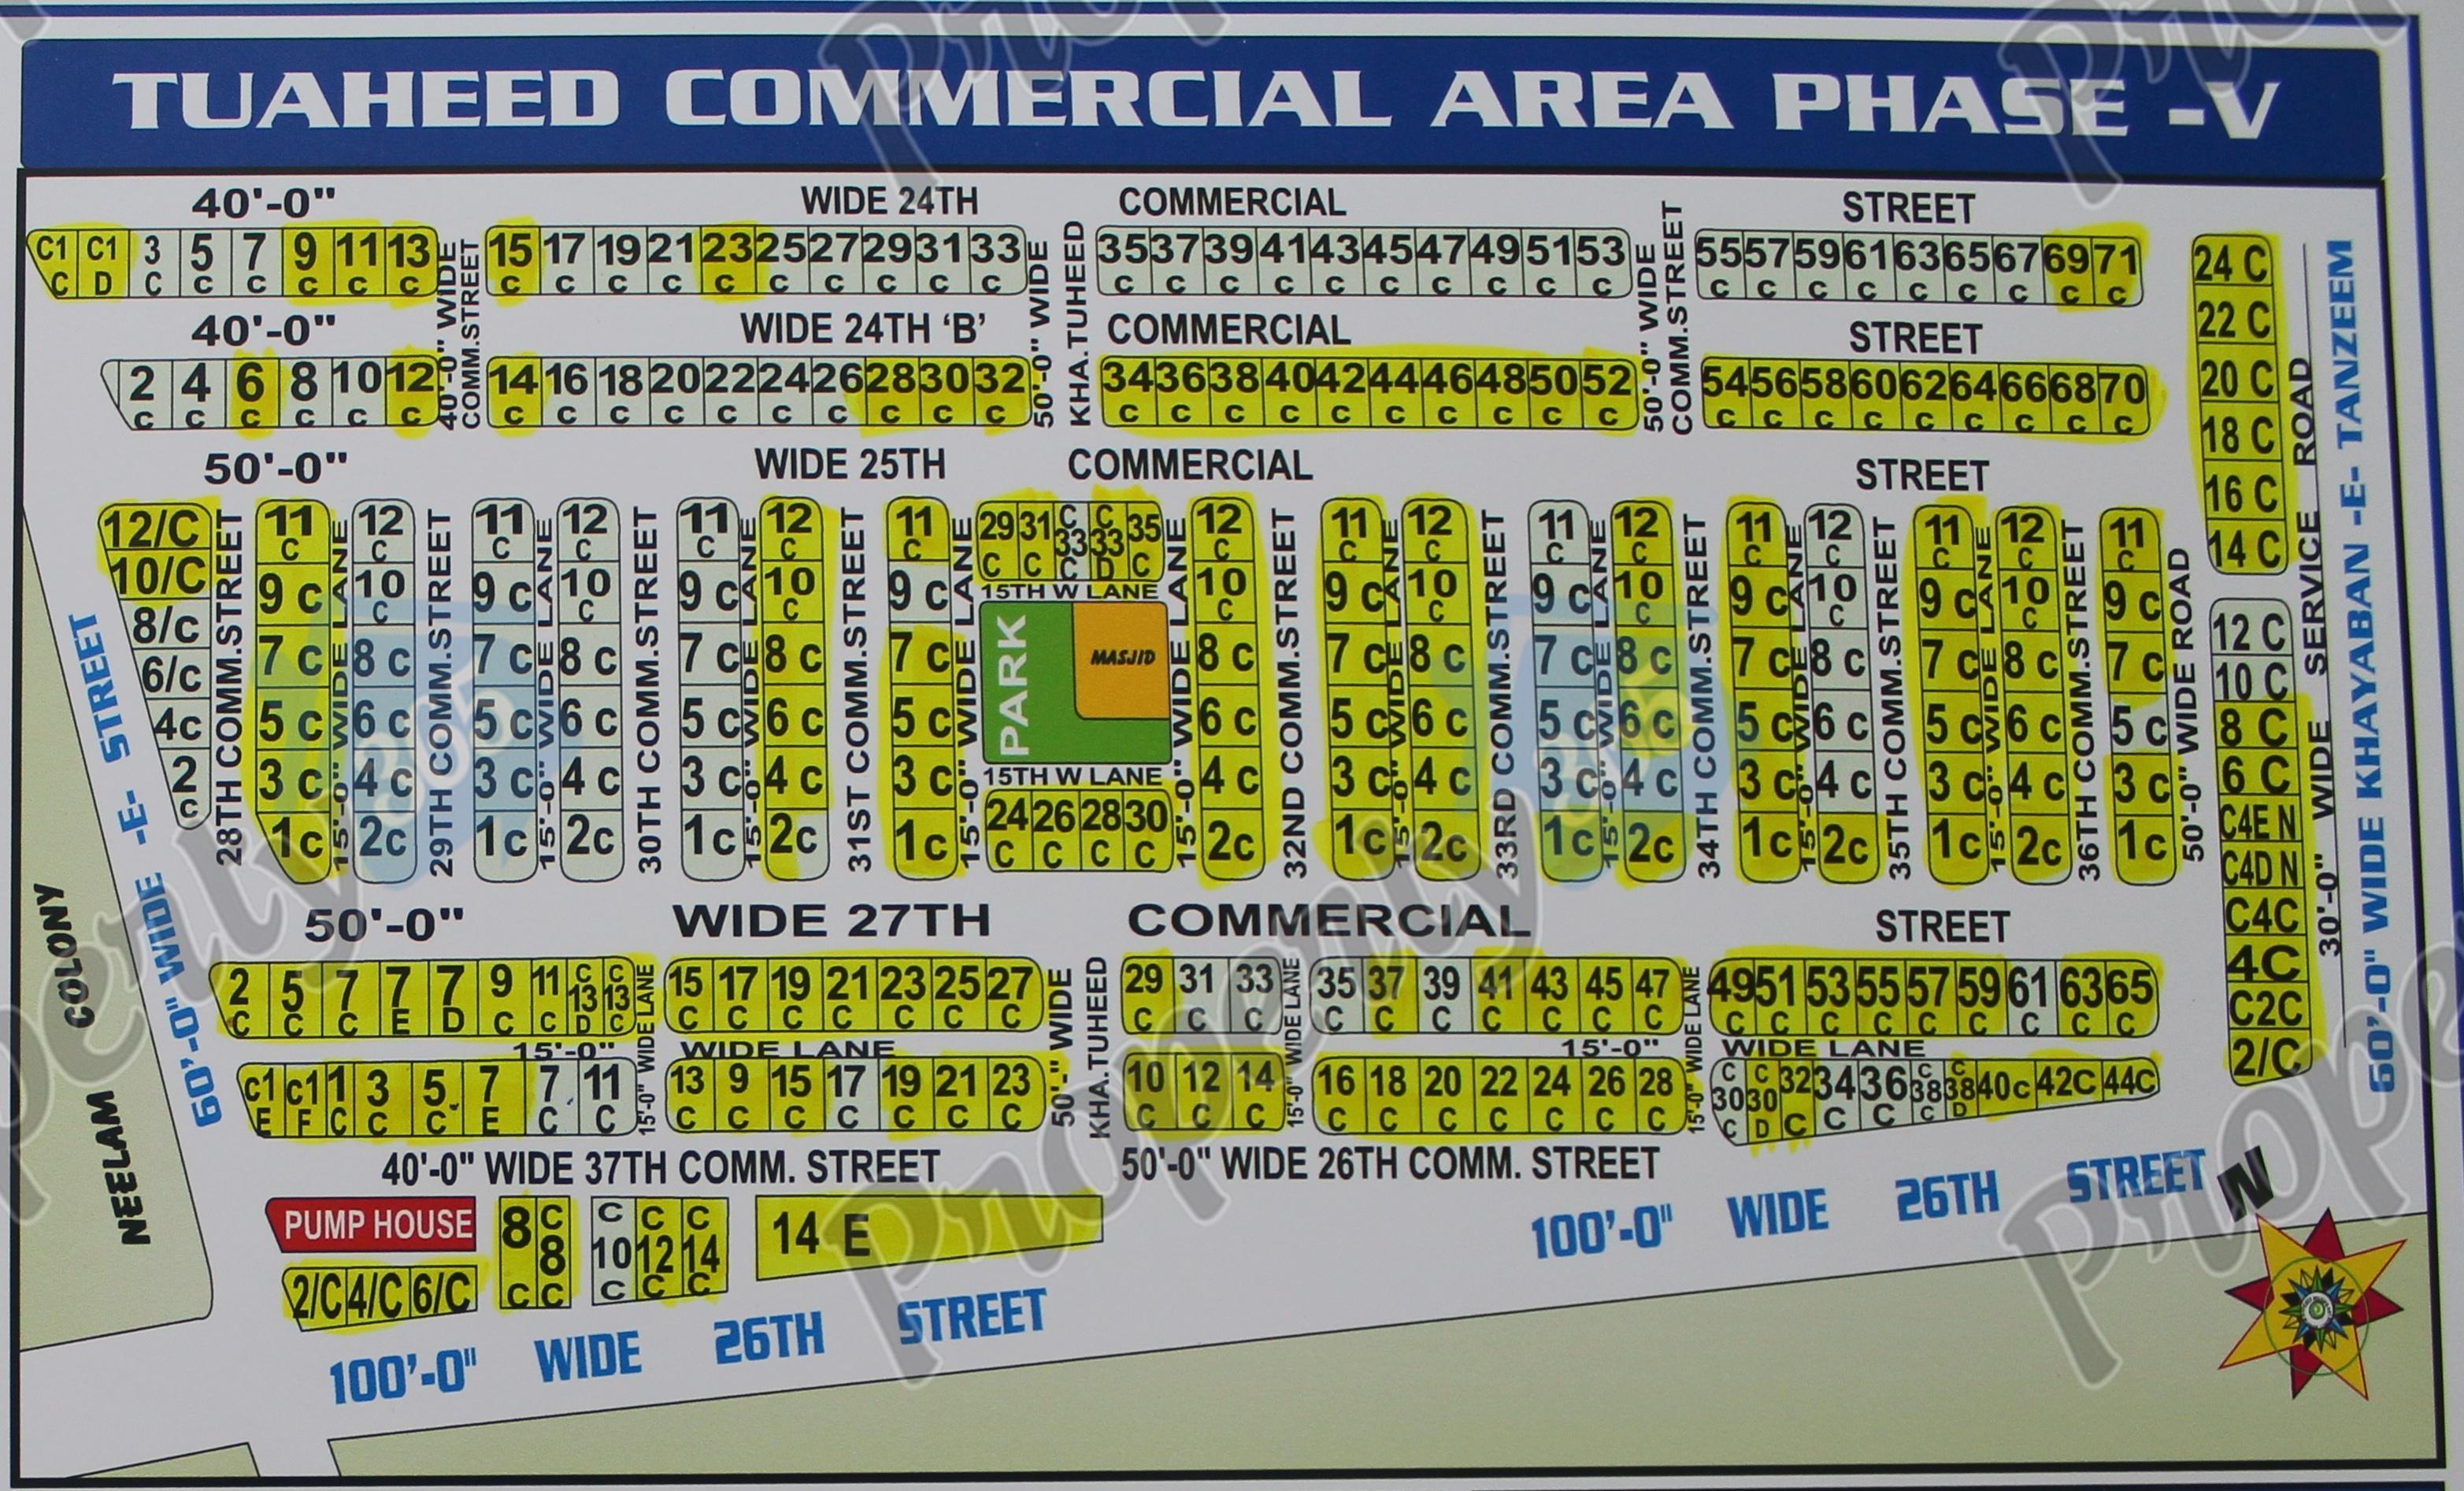 tauheed commercila area Phase 5, V map